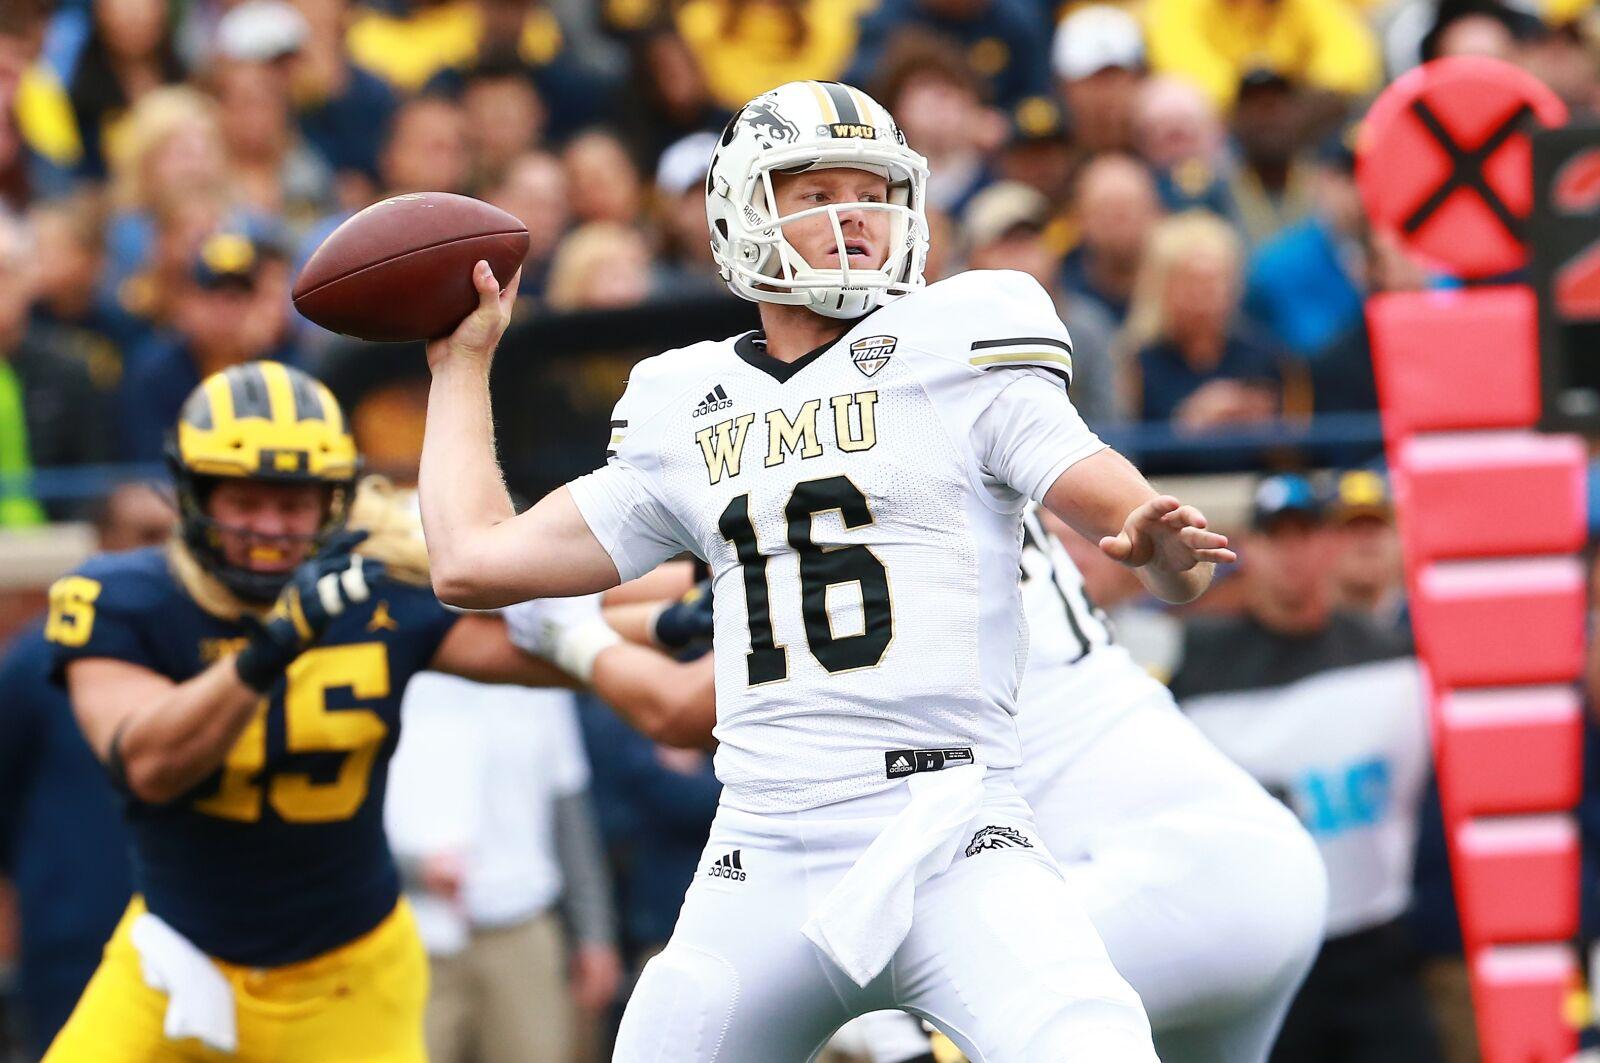 Syracuse Football: Top 3 keys to victory vs Western Michigan in Week 4